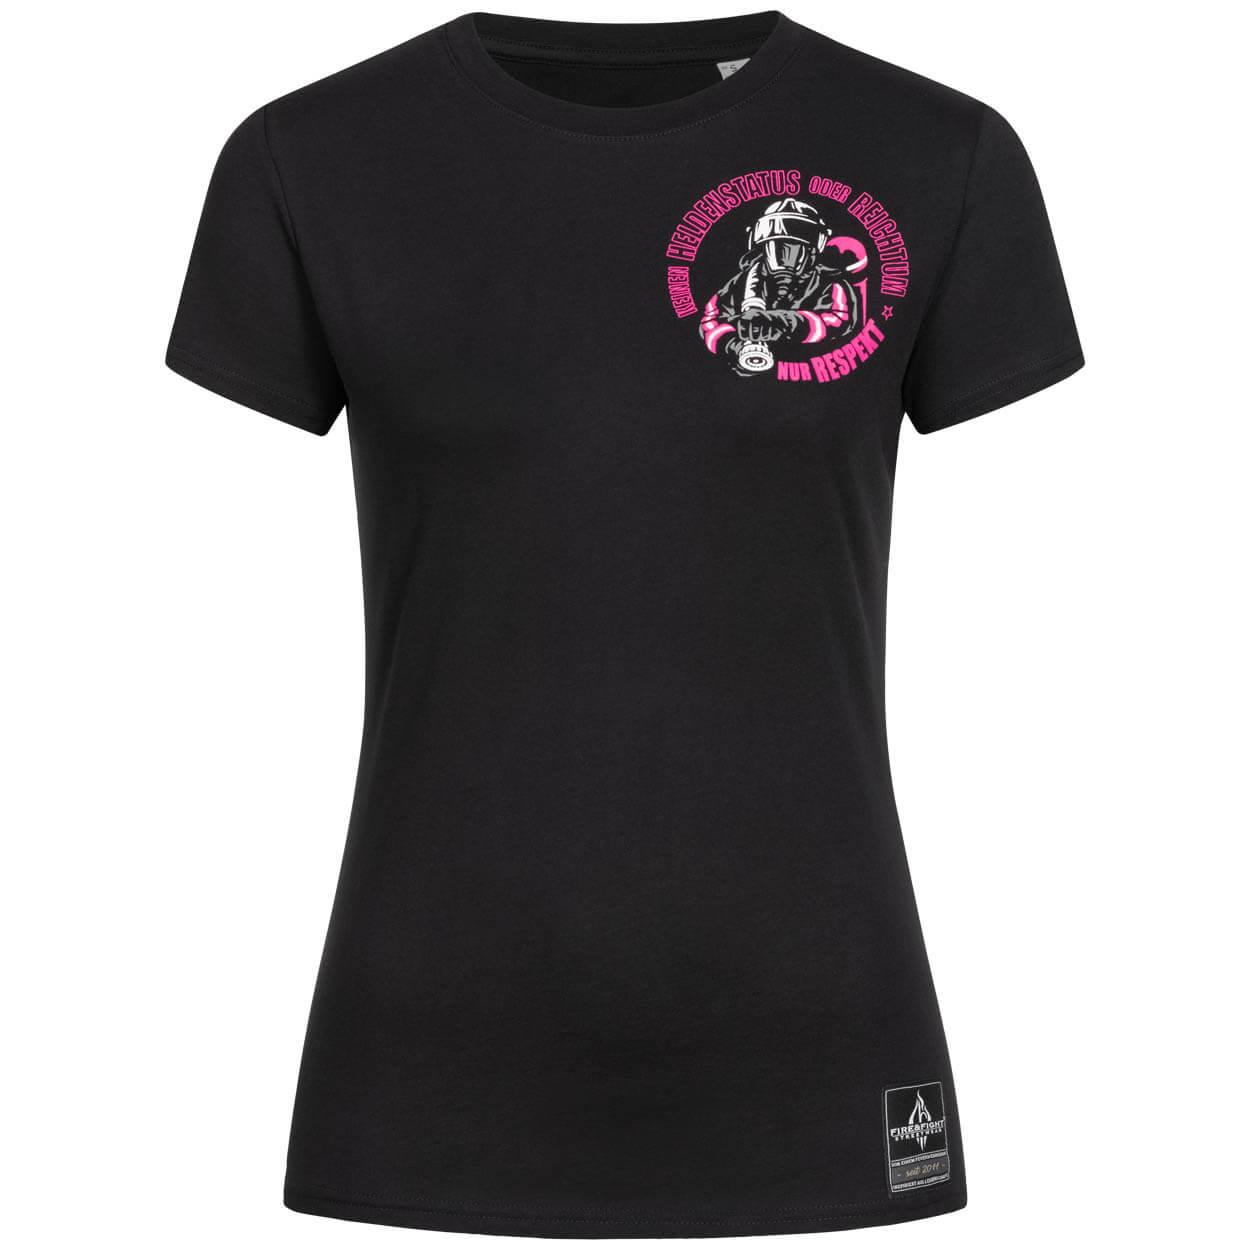 Dein Respekt, keinen Reichtum - Frauen T-Shirt schwarz